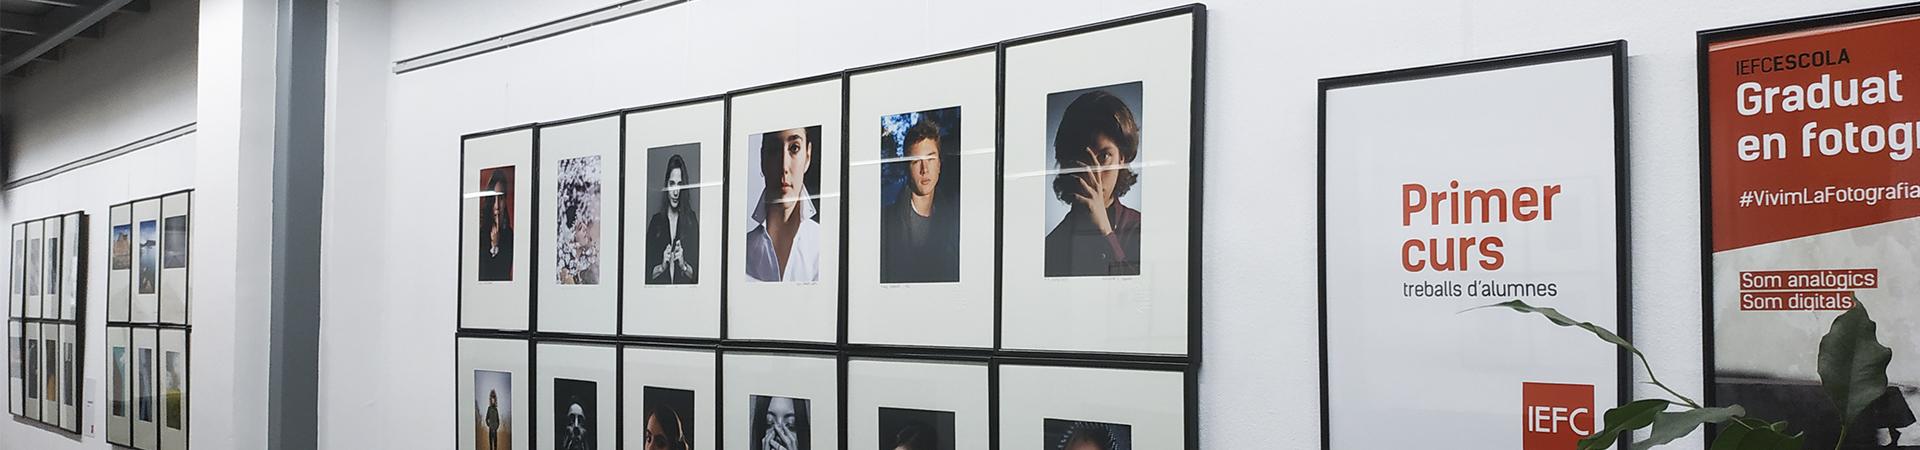 Exposición de los trabajos de los alumnos del Graduado en Fotografía del curso 2017-2018